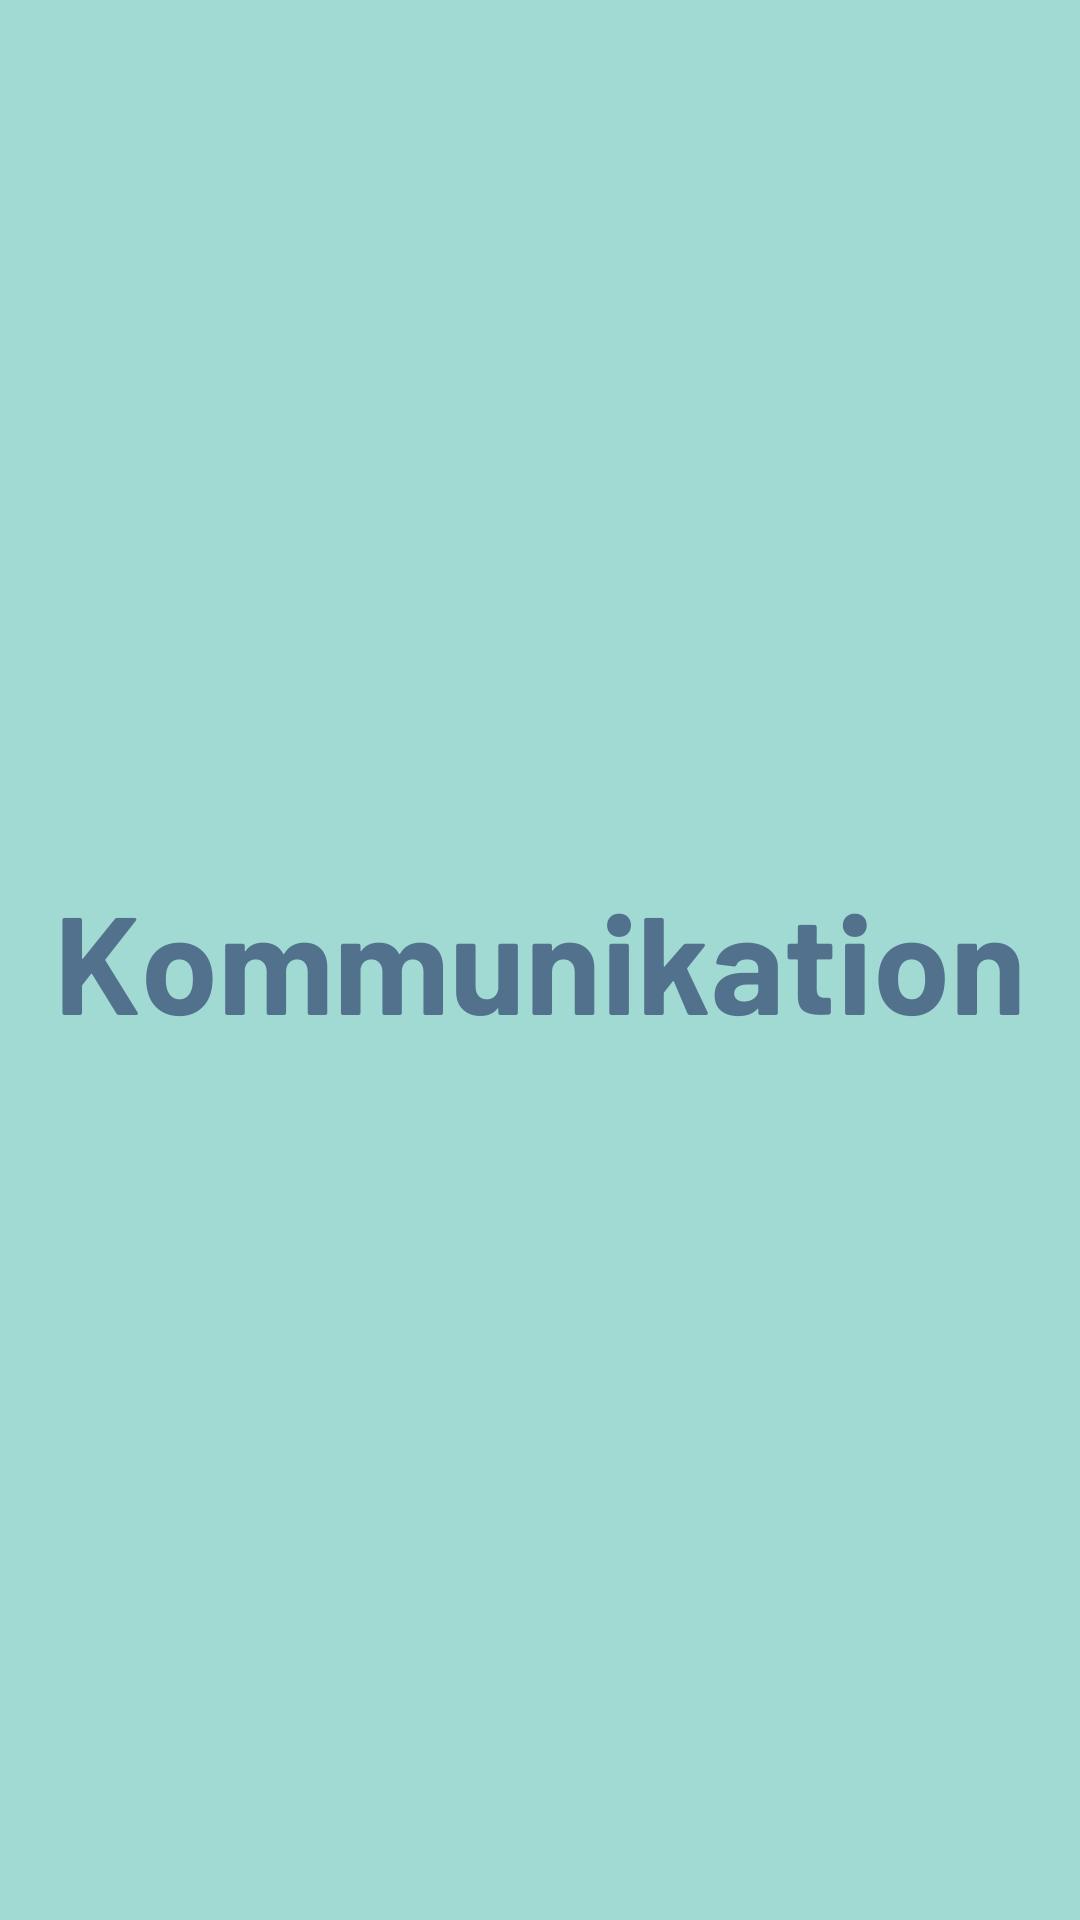 Kommunikation Text